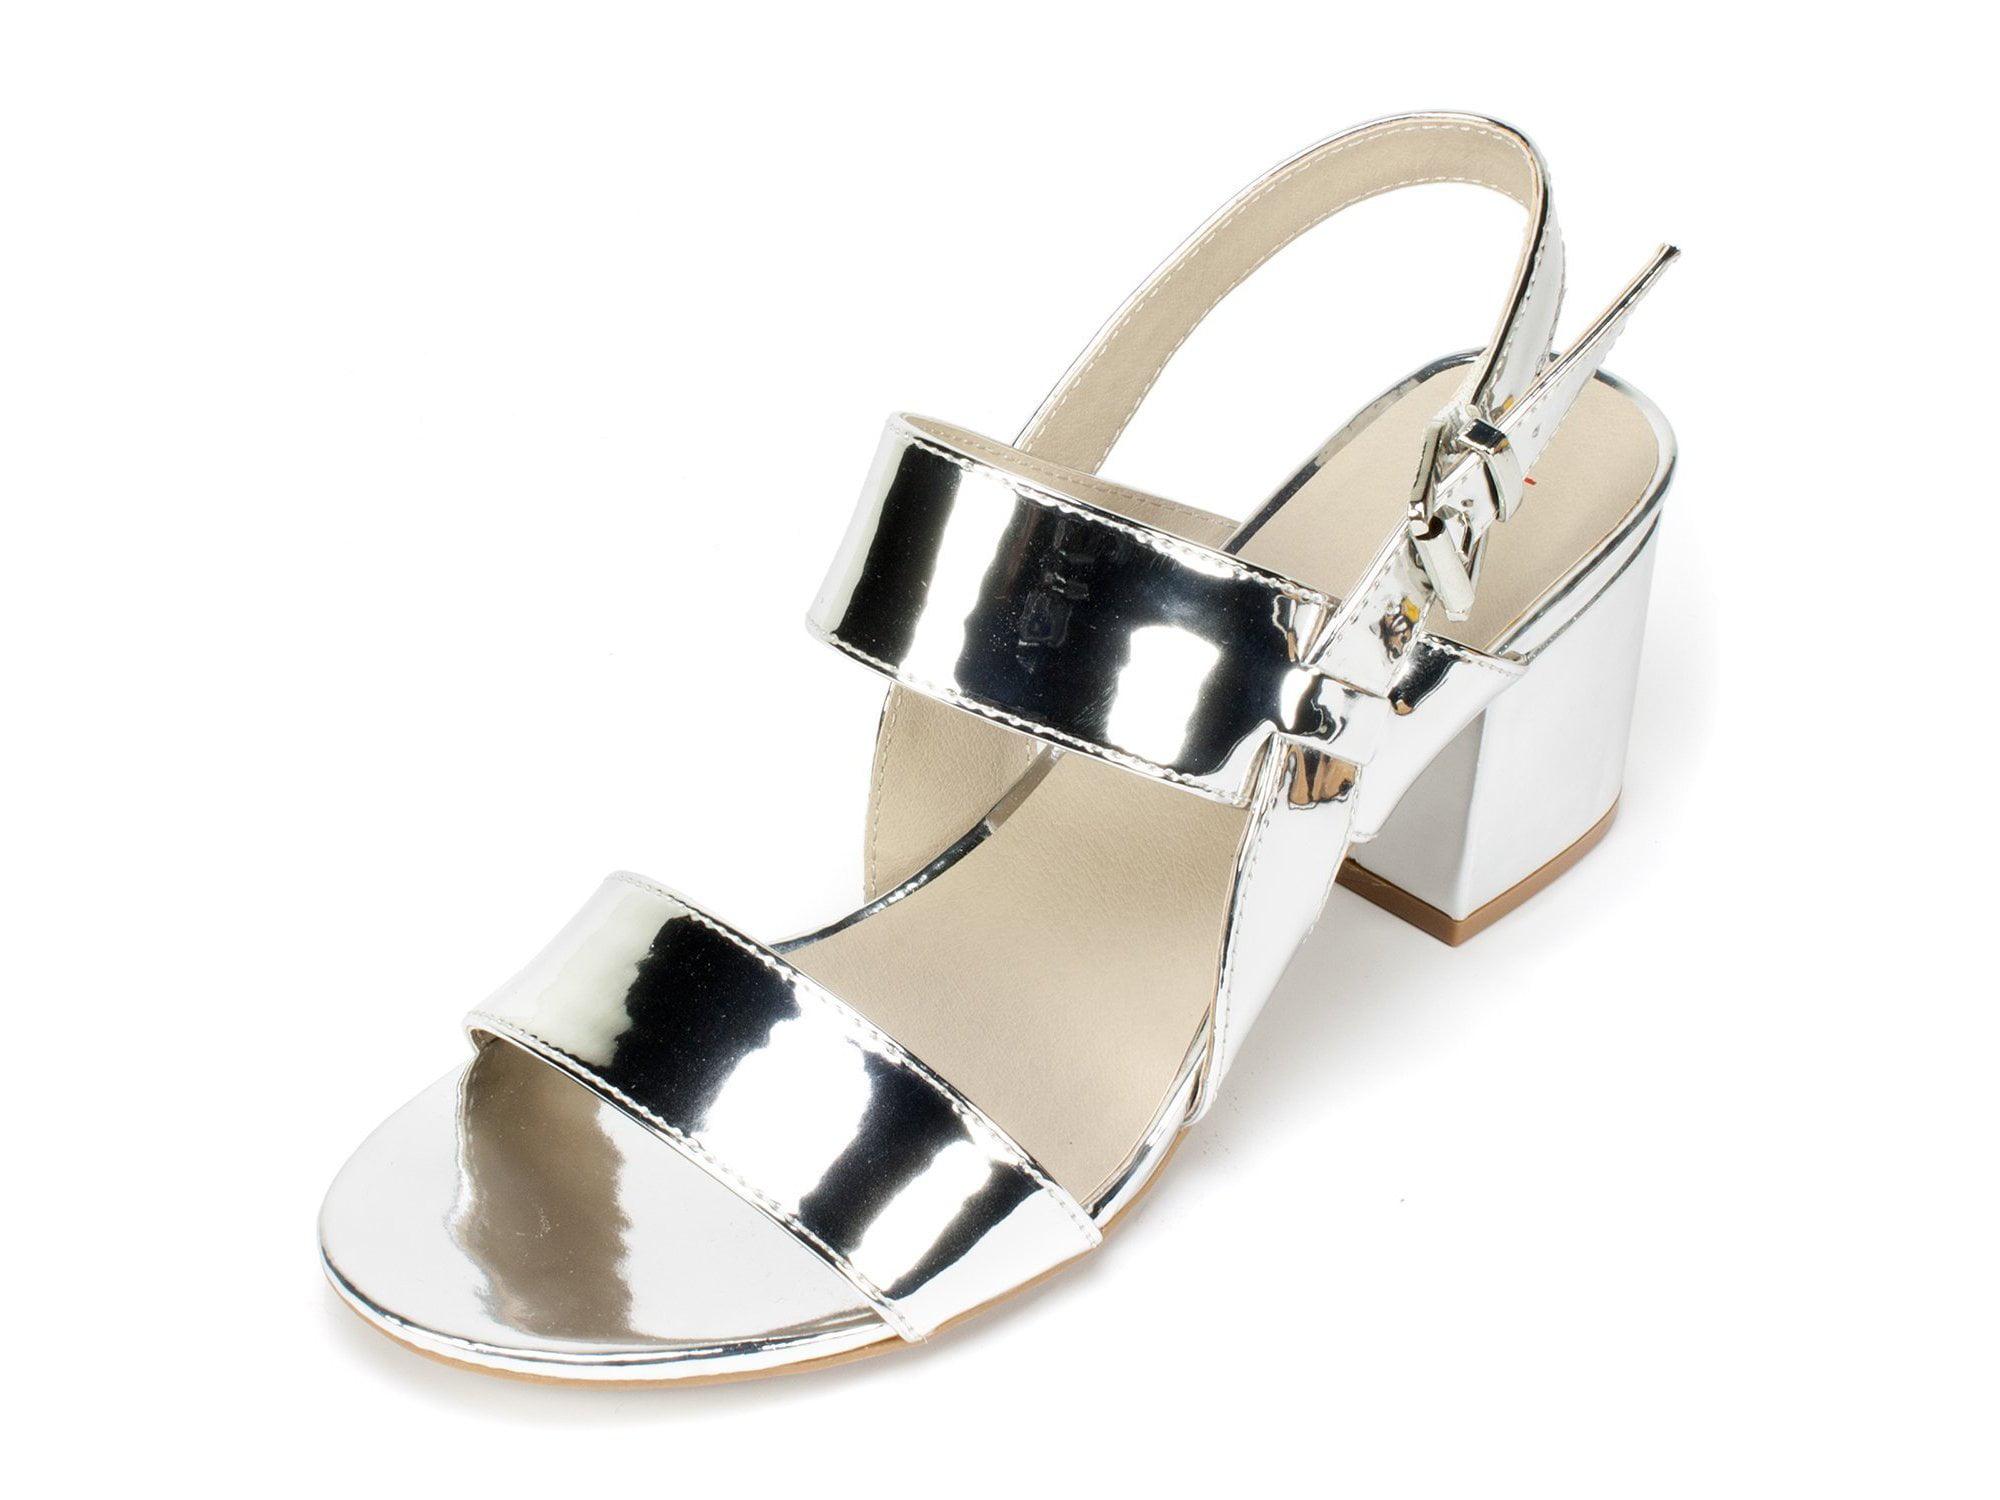 Rialto - Rialto Shoes 'Caroline' Women